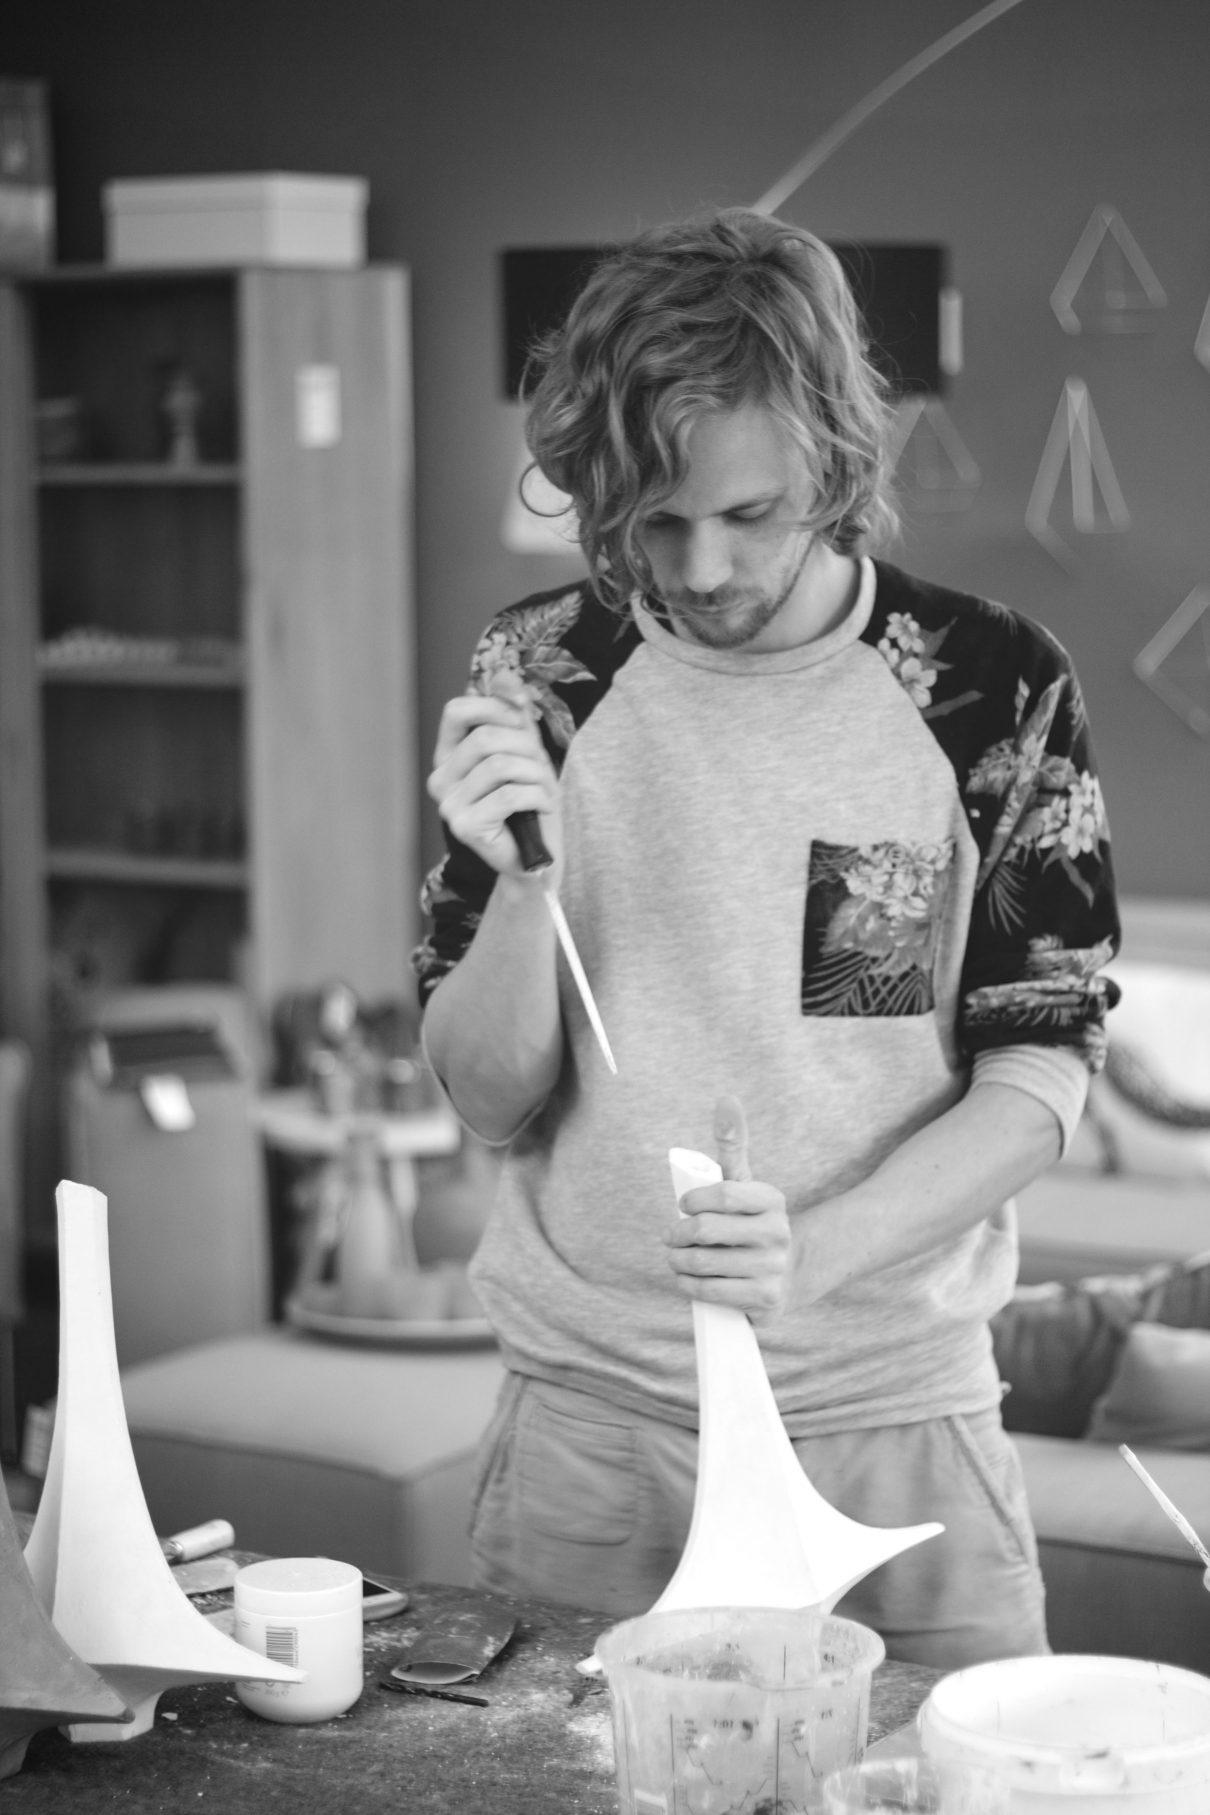 Architectonische Vase #1 van Atelier GertJan